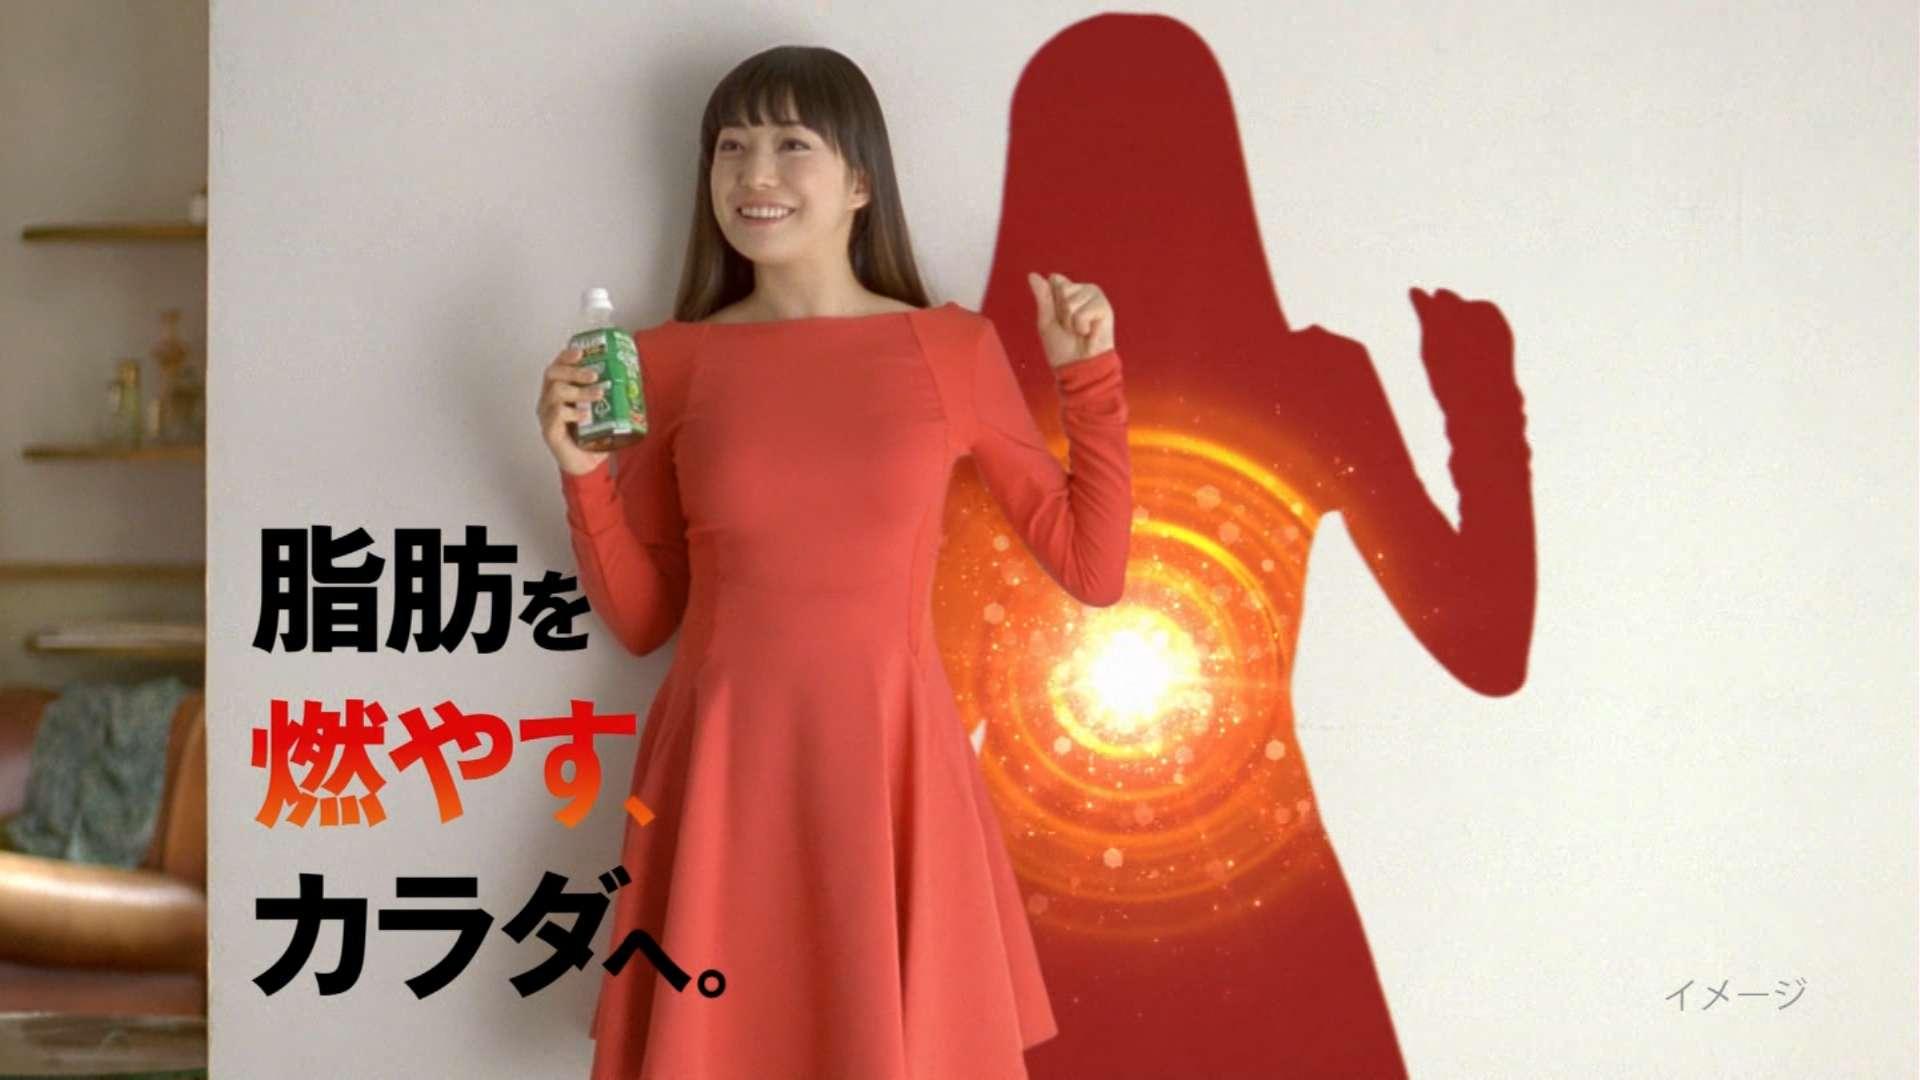 菅野美穂 おっぱい画像6